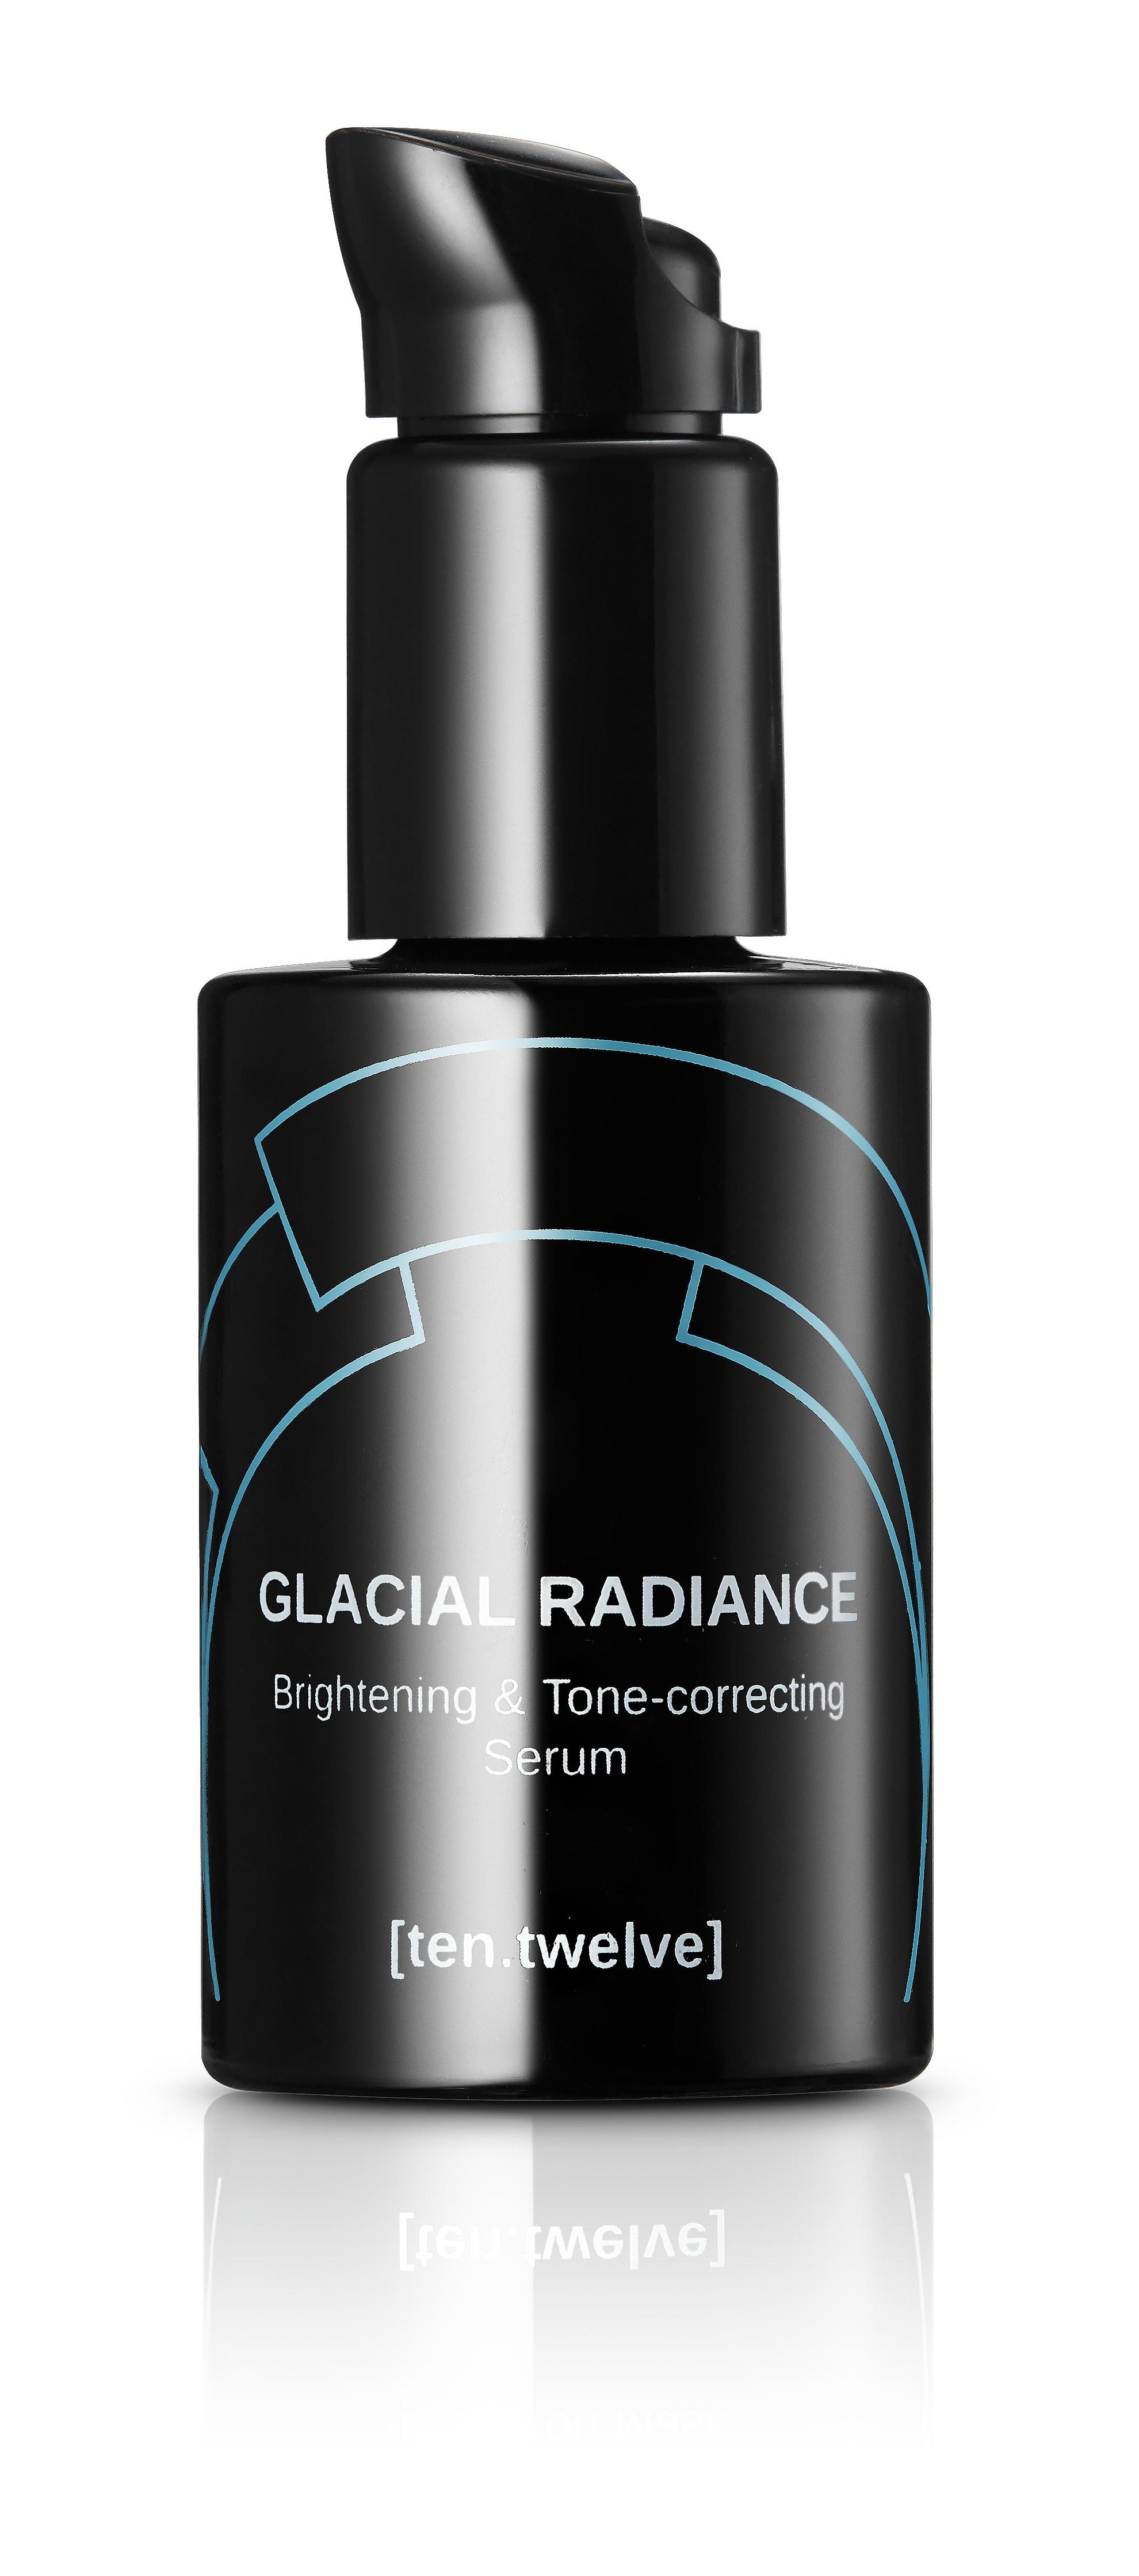 [ten.twelve] skincare Glacial Radiance Brightening Serum